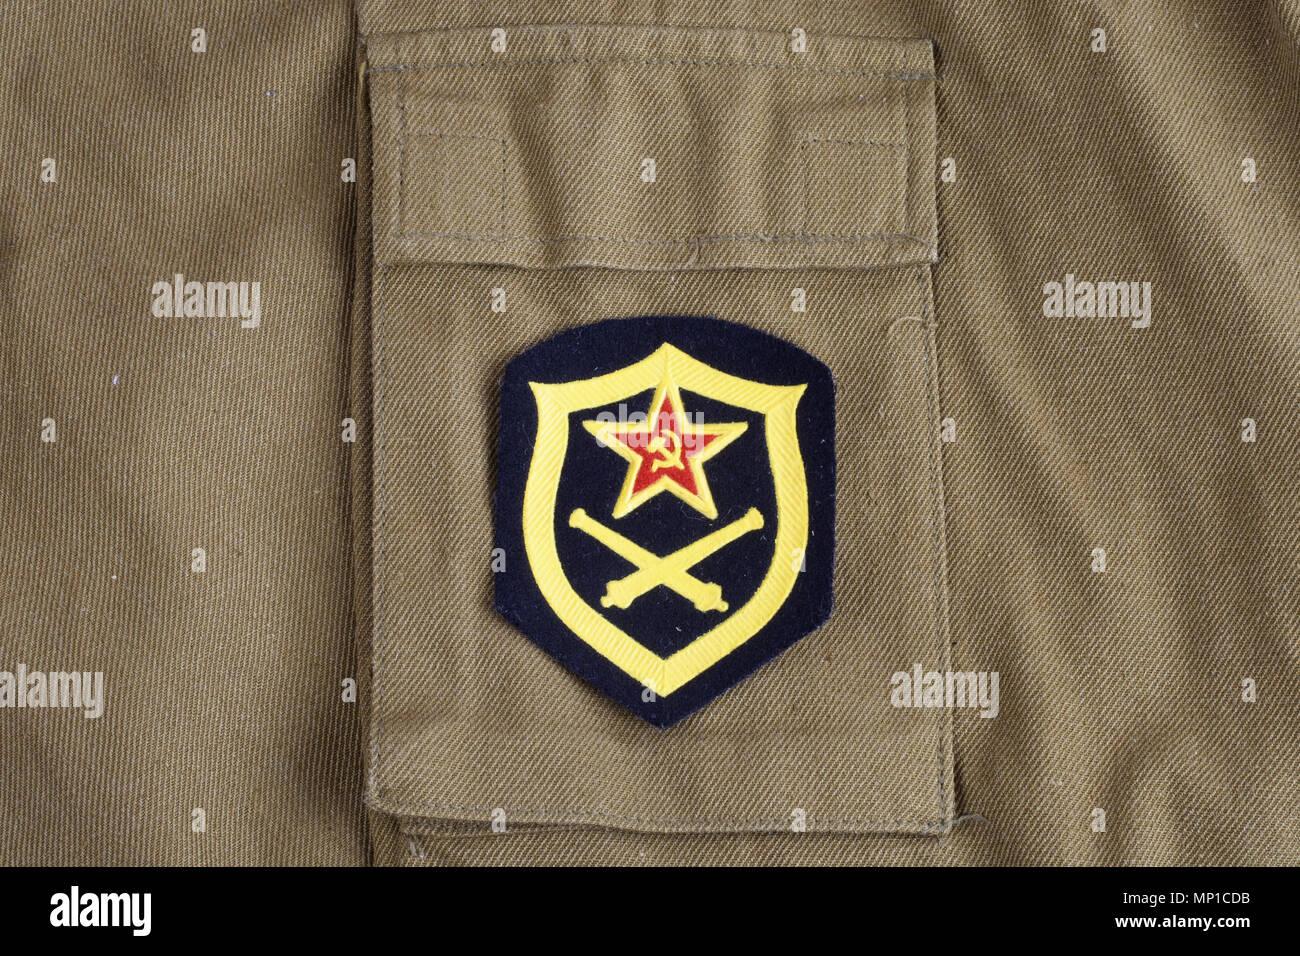 L'artillerie de l'armée soviétique d'épaule sur fond uniforme kaki Banque D'Images